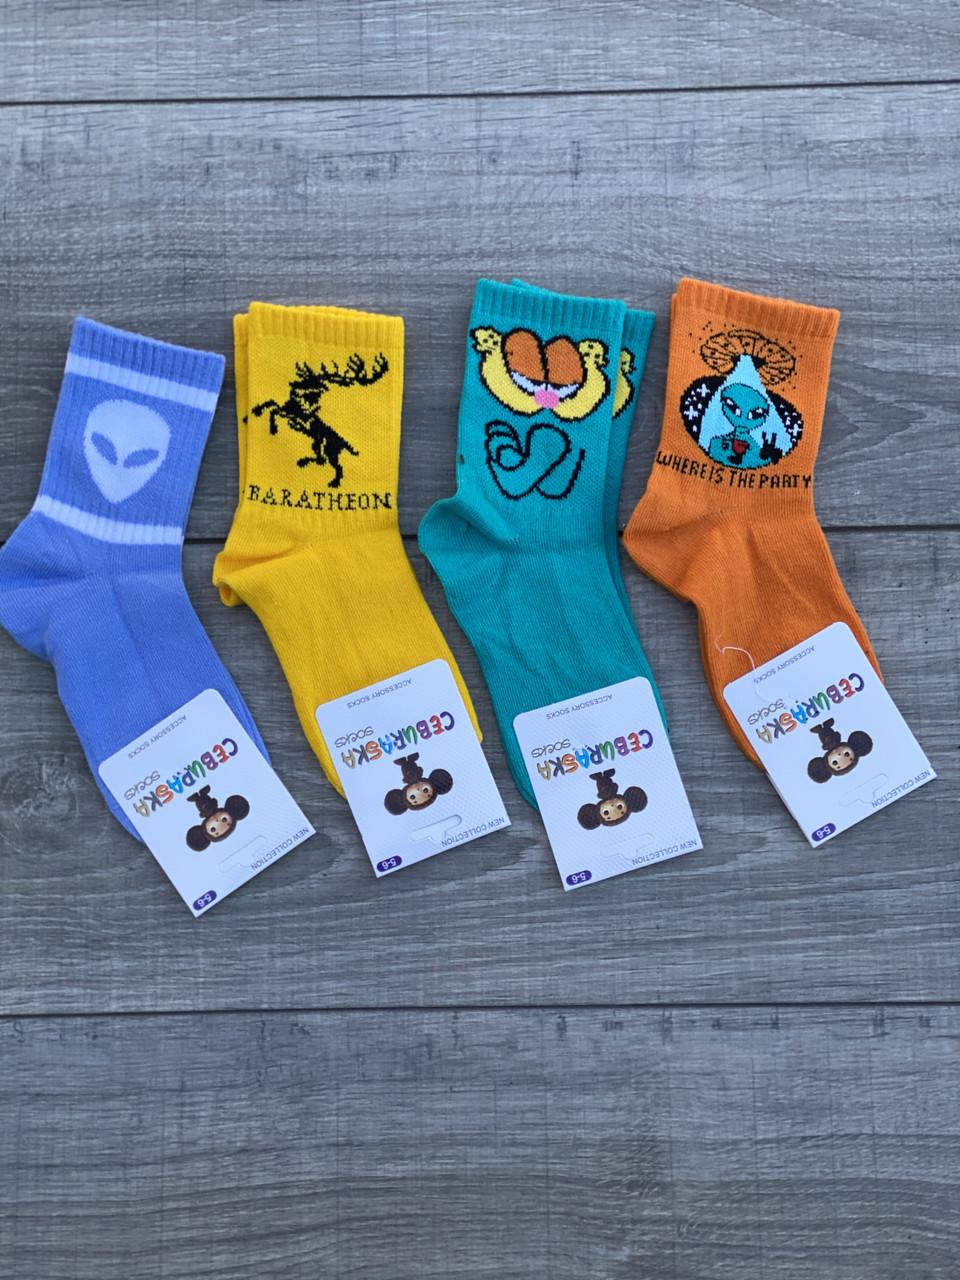 Дитячі підліткові шкарпетки носки Чебурашка для хлопчиків дівчаток розмір 5-7,9-11 років 12 шт в уп